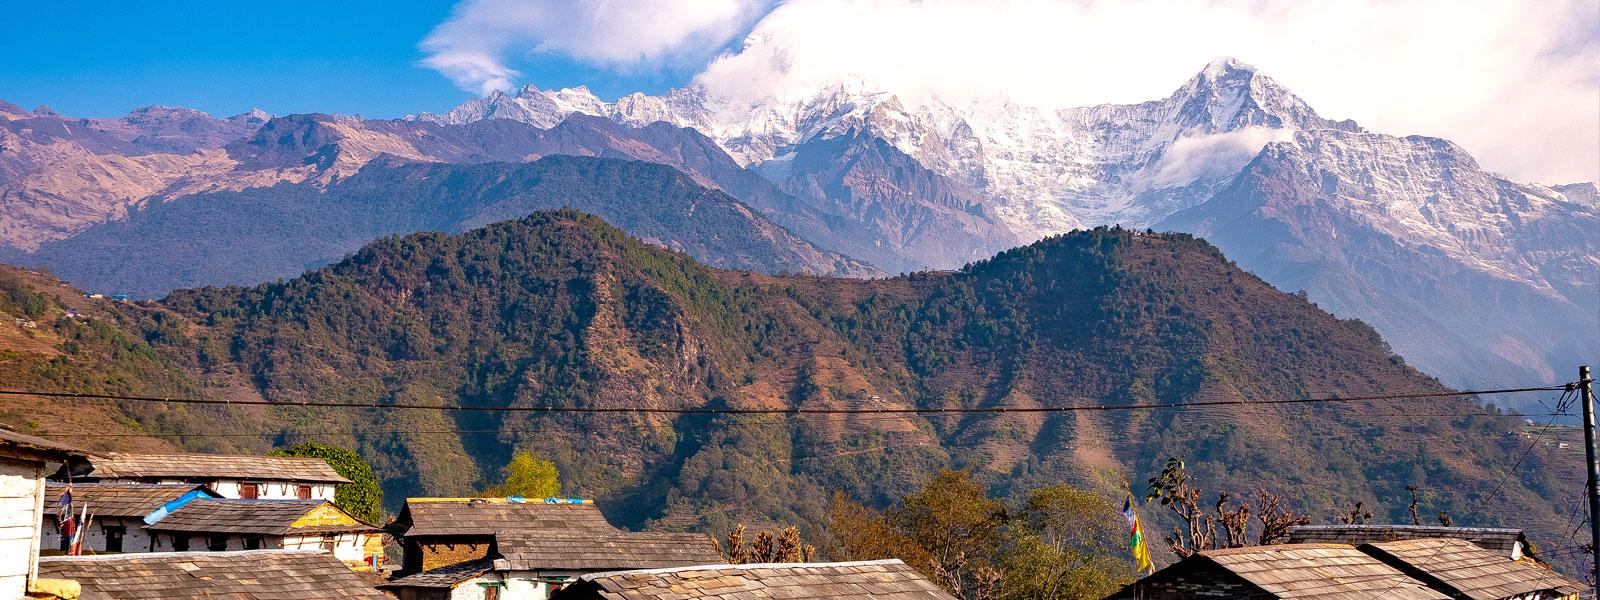 Mt. Annapurna from Ghandruk